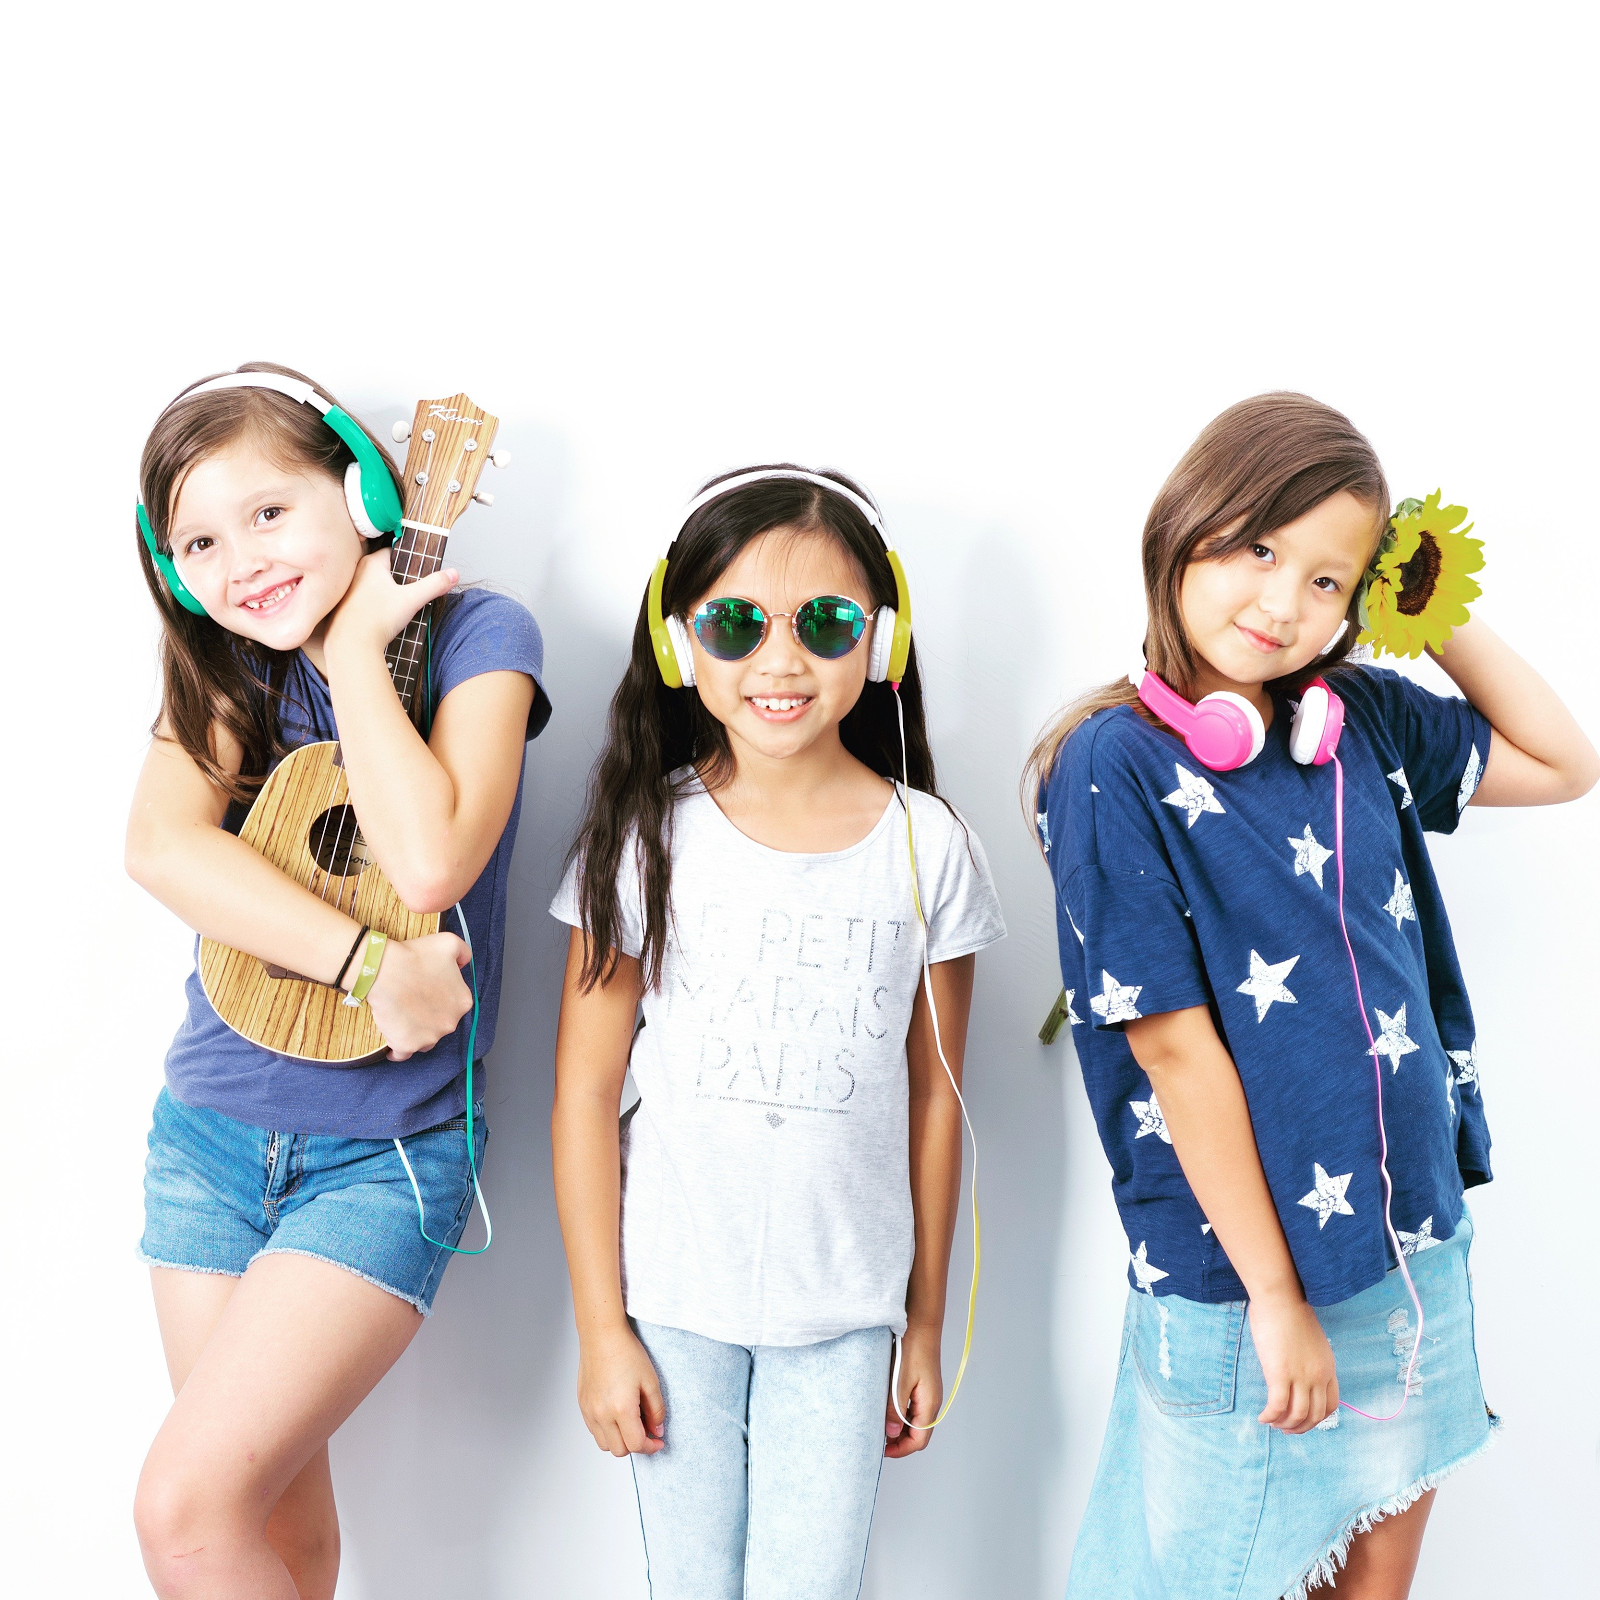 BuddyPhones: Sanatate, siguranta si bucurie intr-o pereche de casti audio pentru copilul tau